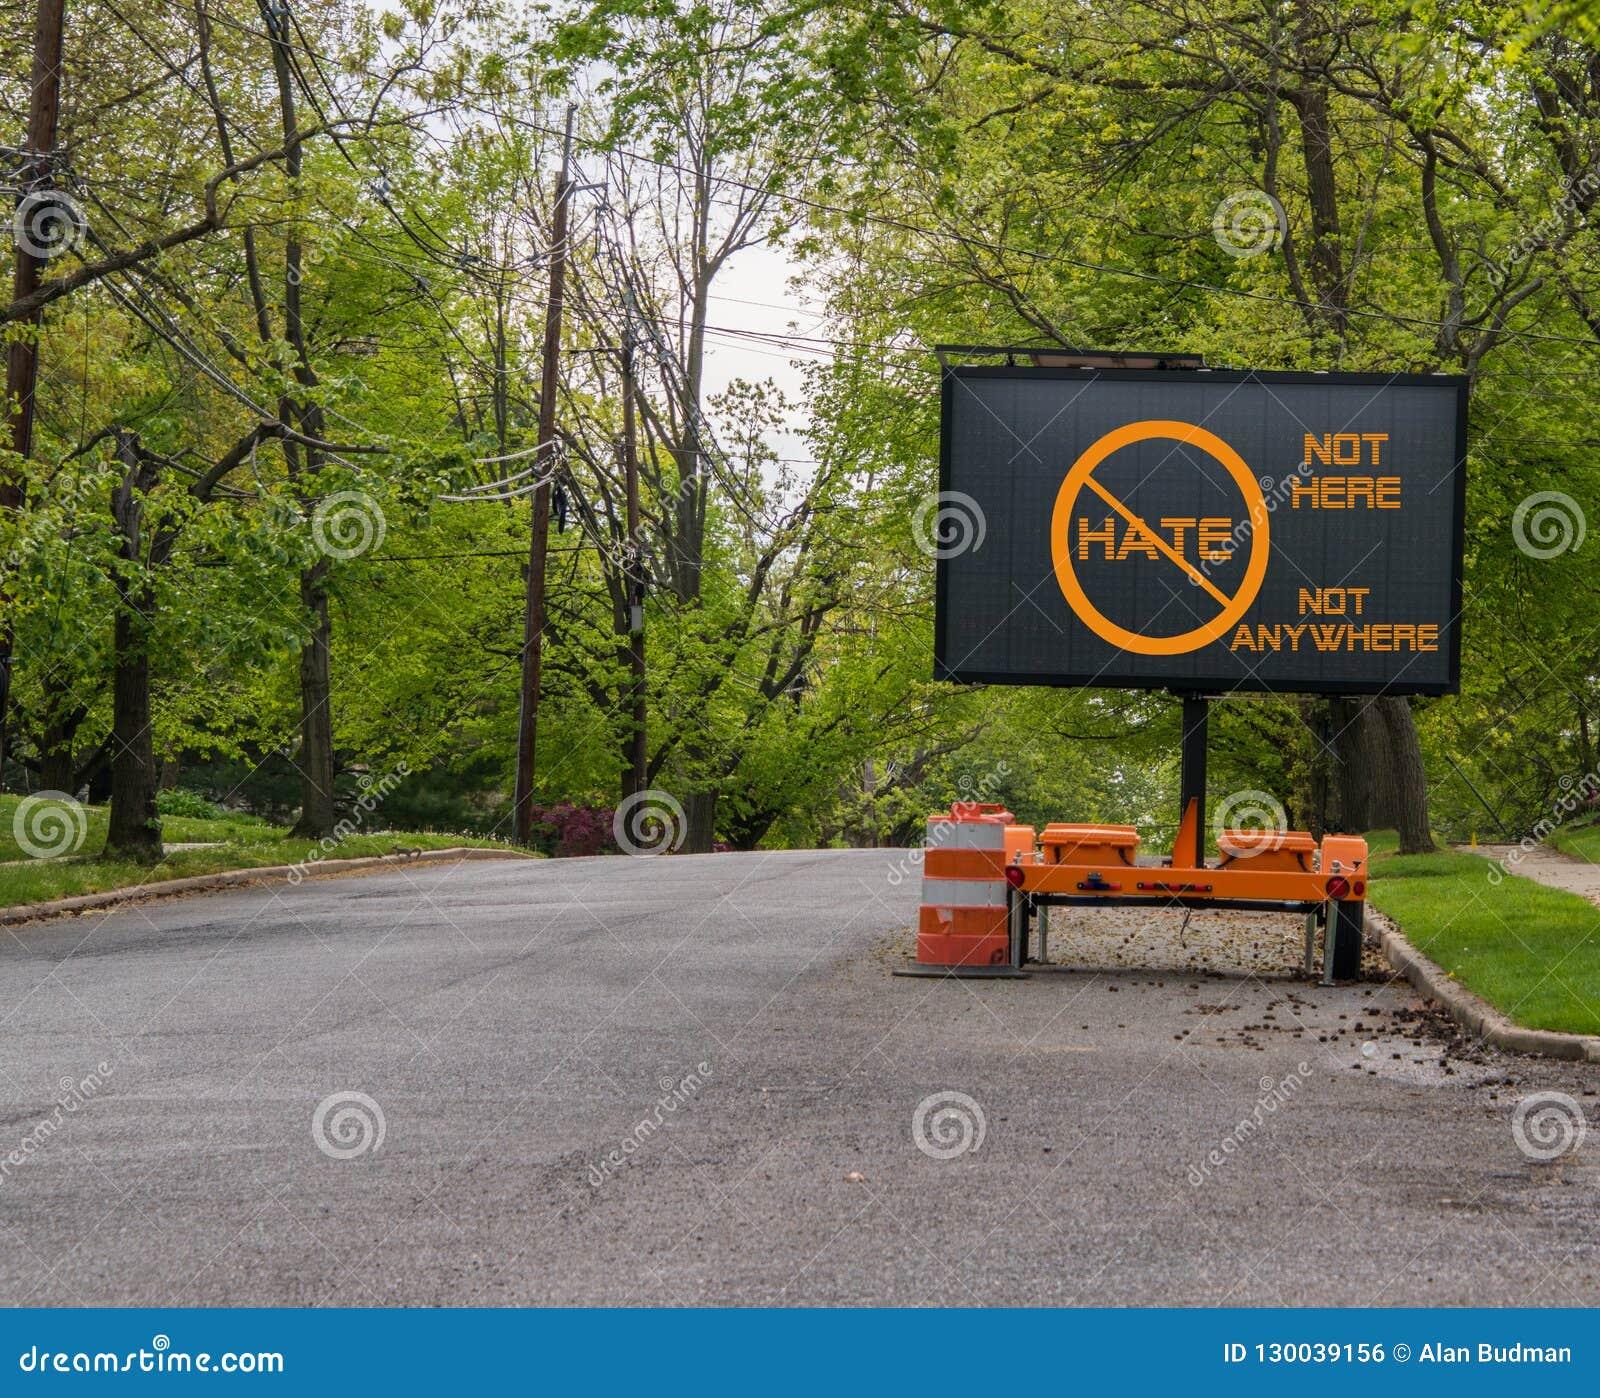 在不说怨恨,不在这儿,不任何地方的安静的邻里街道上的电交通路牌